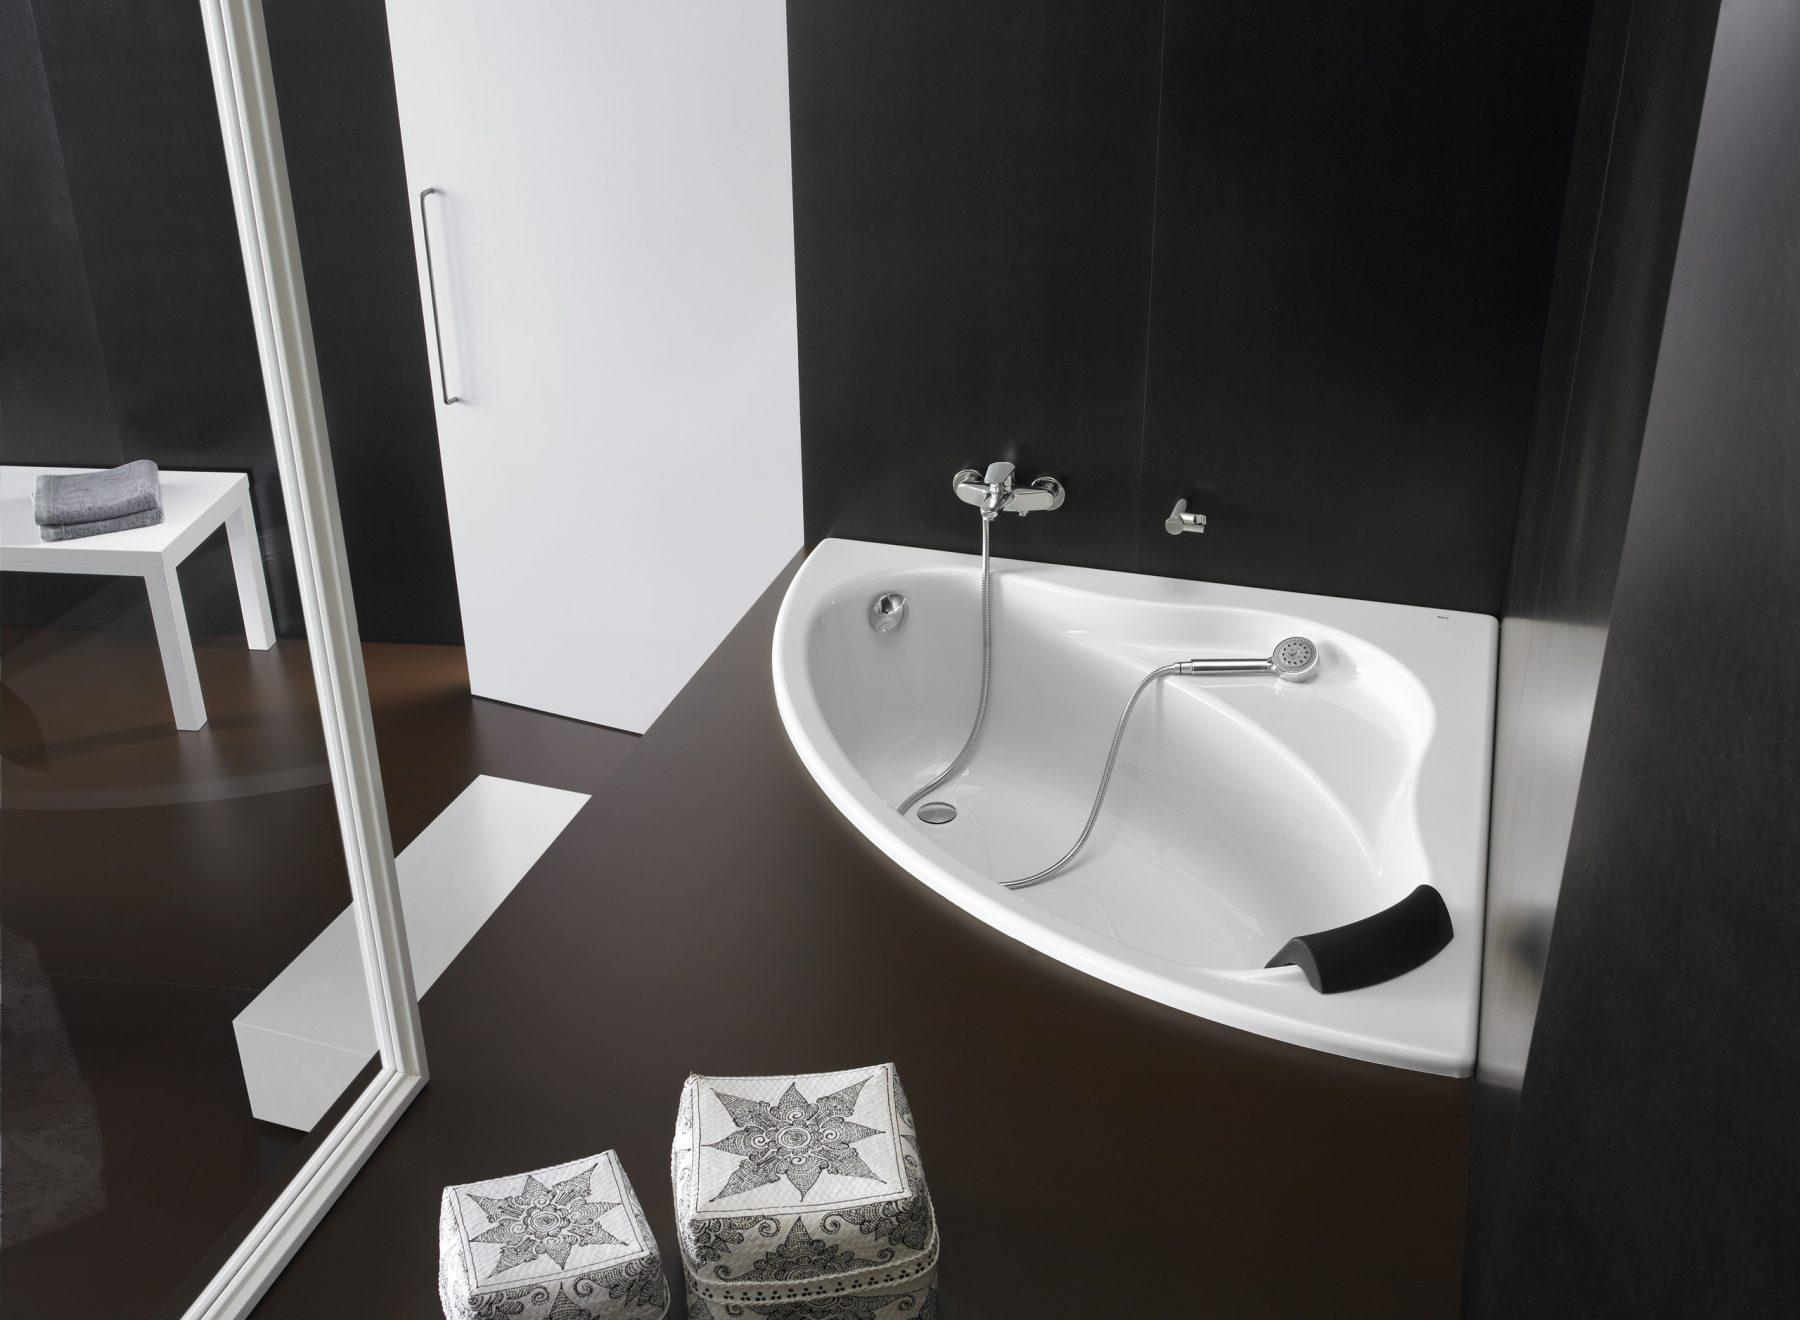 Salle de bain avec jacuzzi et douche - Baignoire douche avec porte pas cher ...